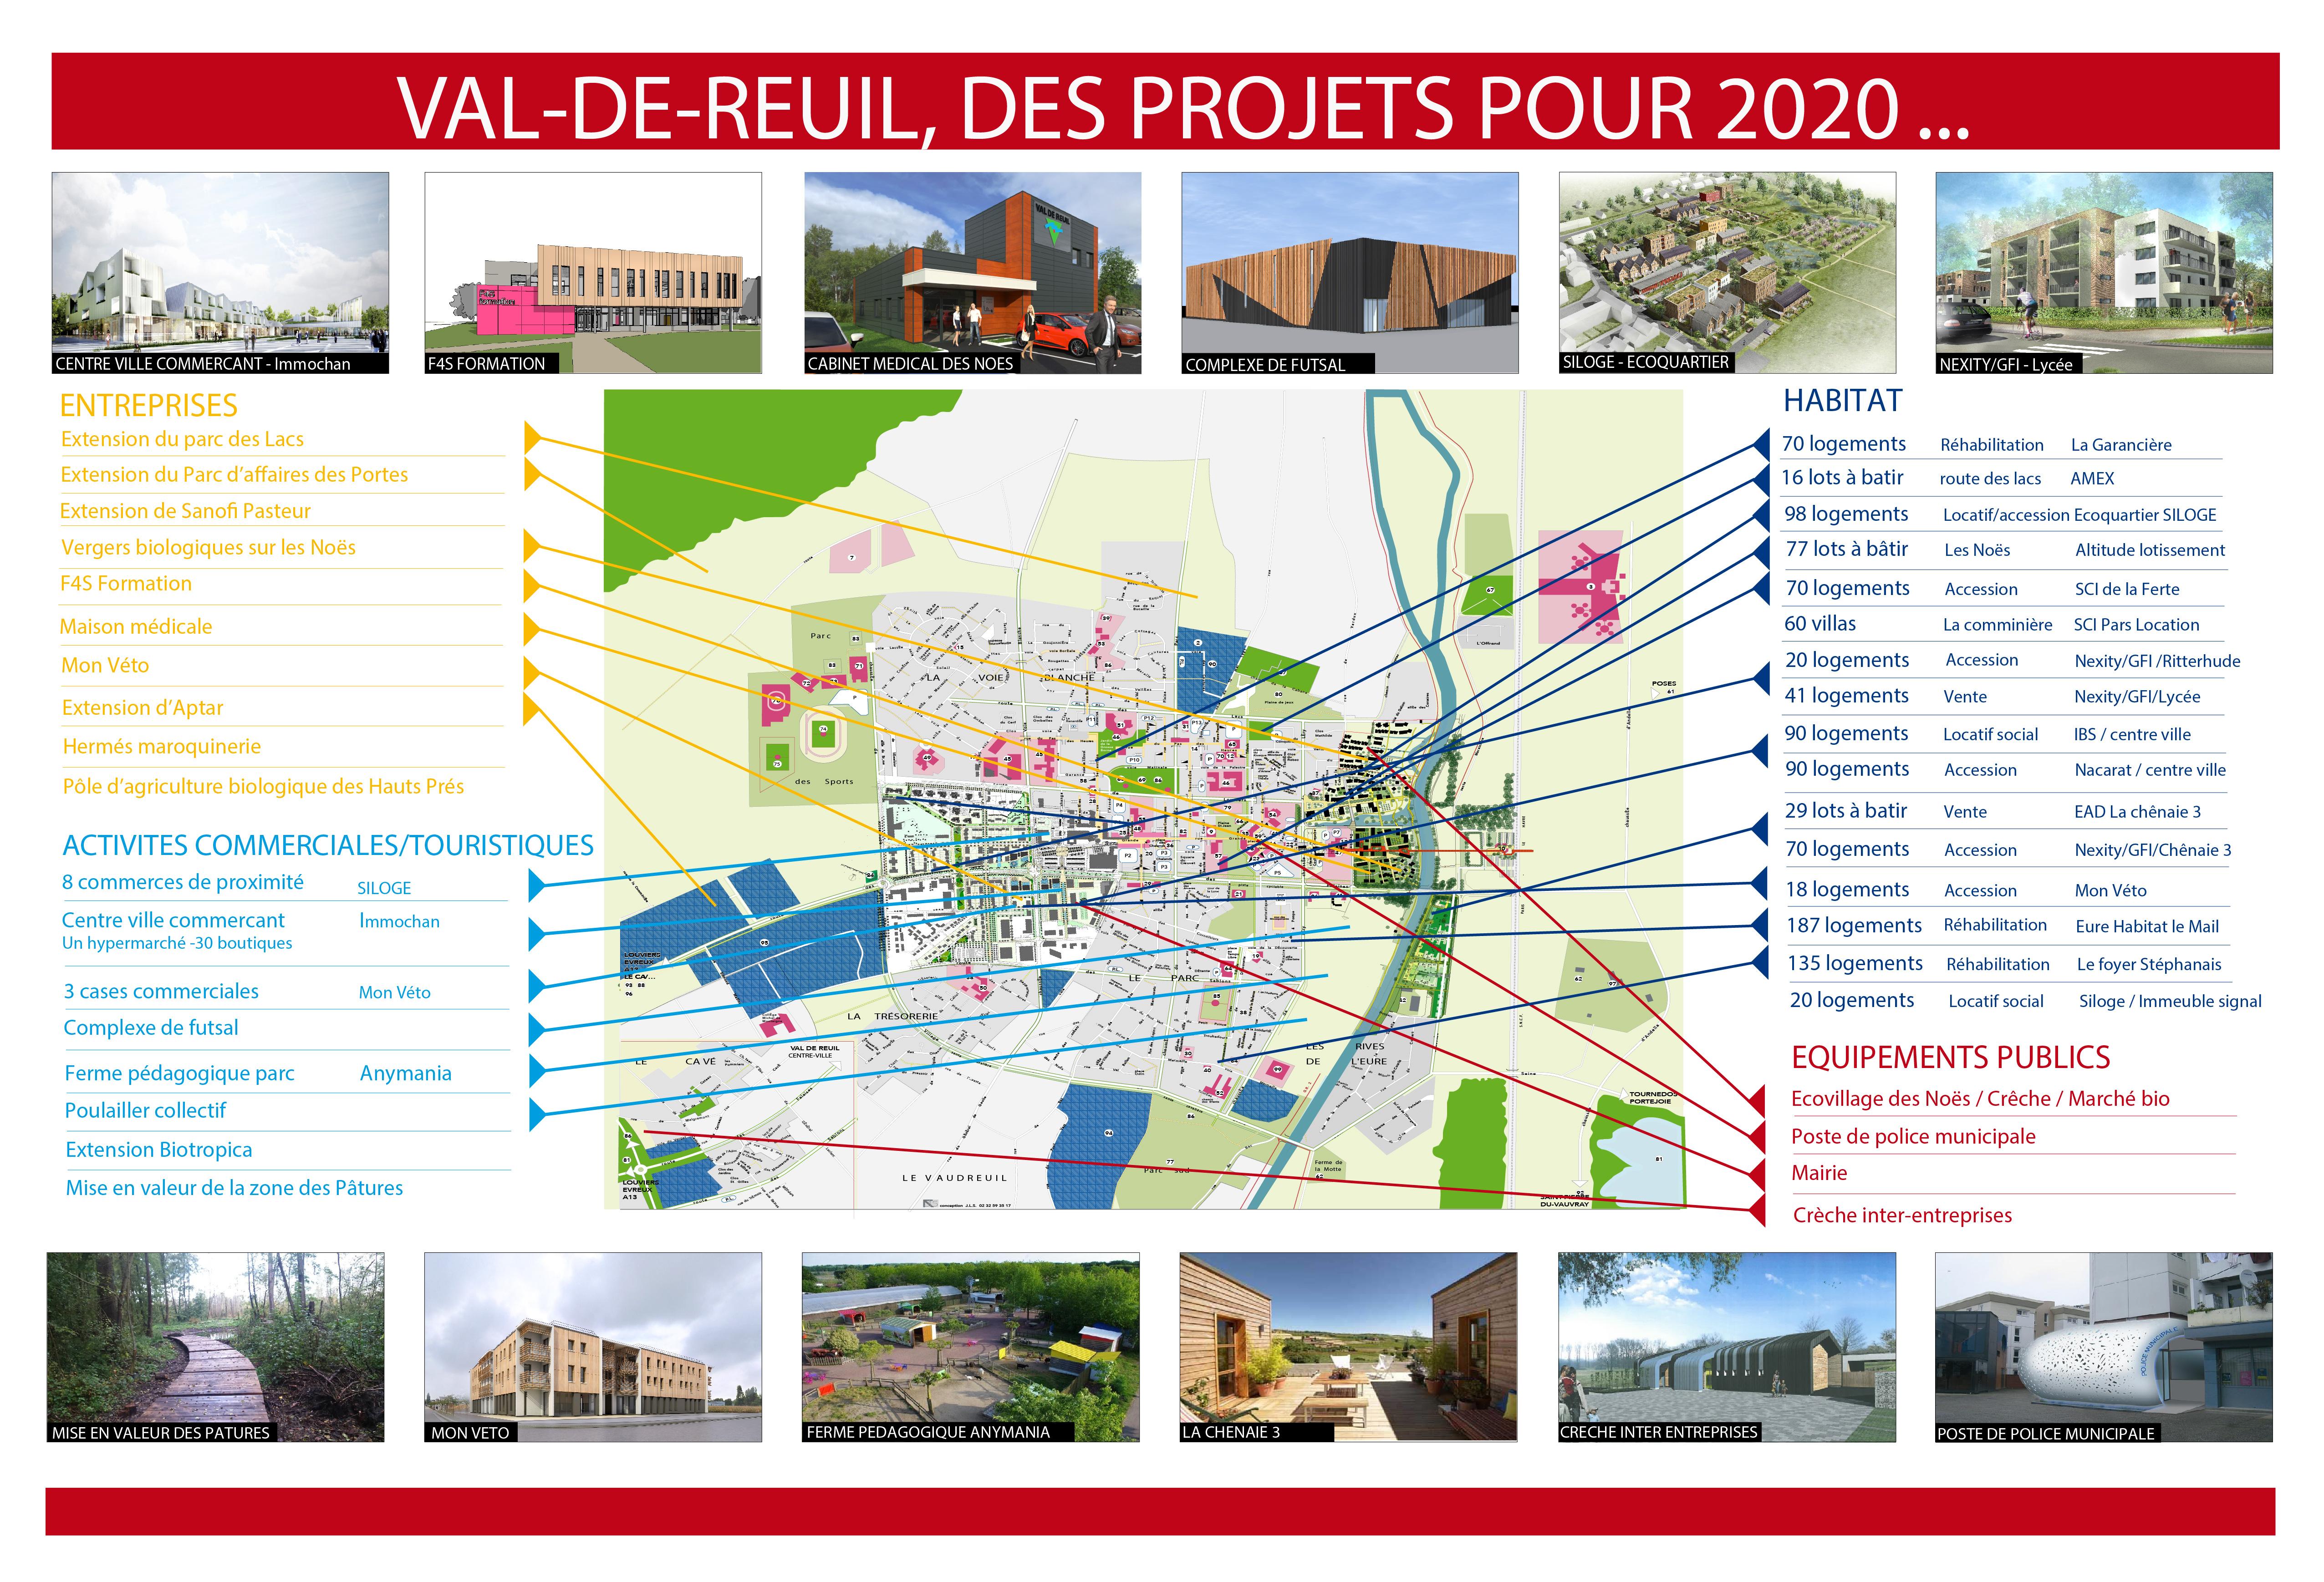 Vente de terrains à Val-de-Reuil : un million d'euros pour la Ville